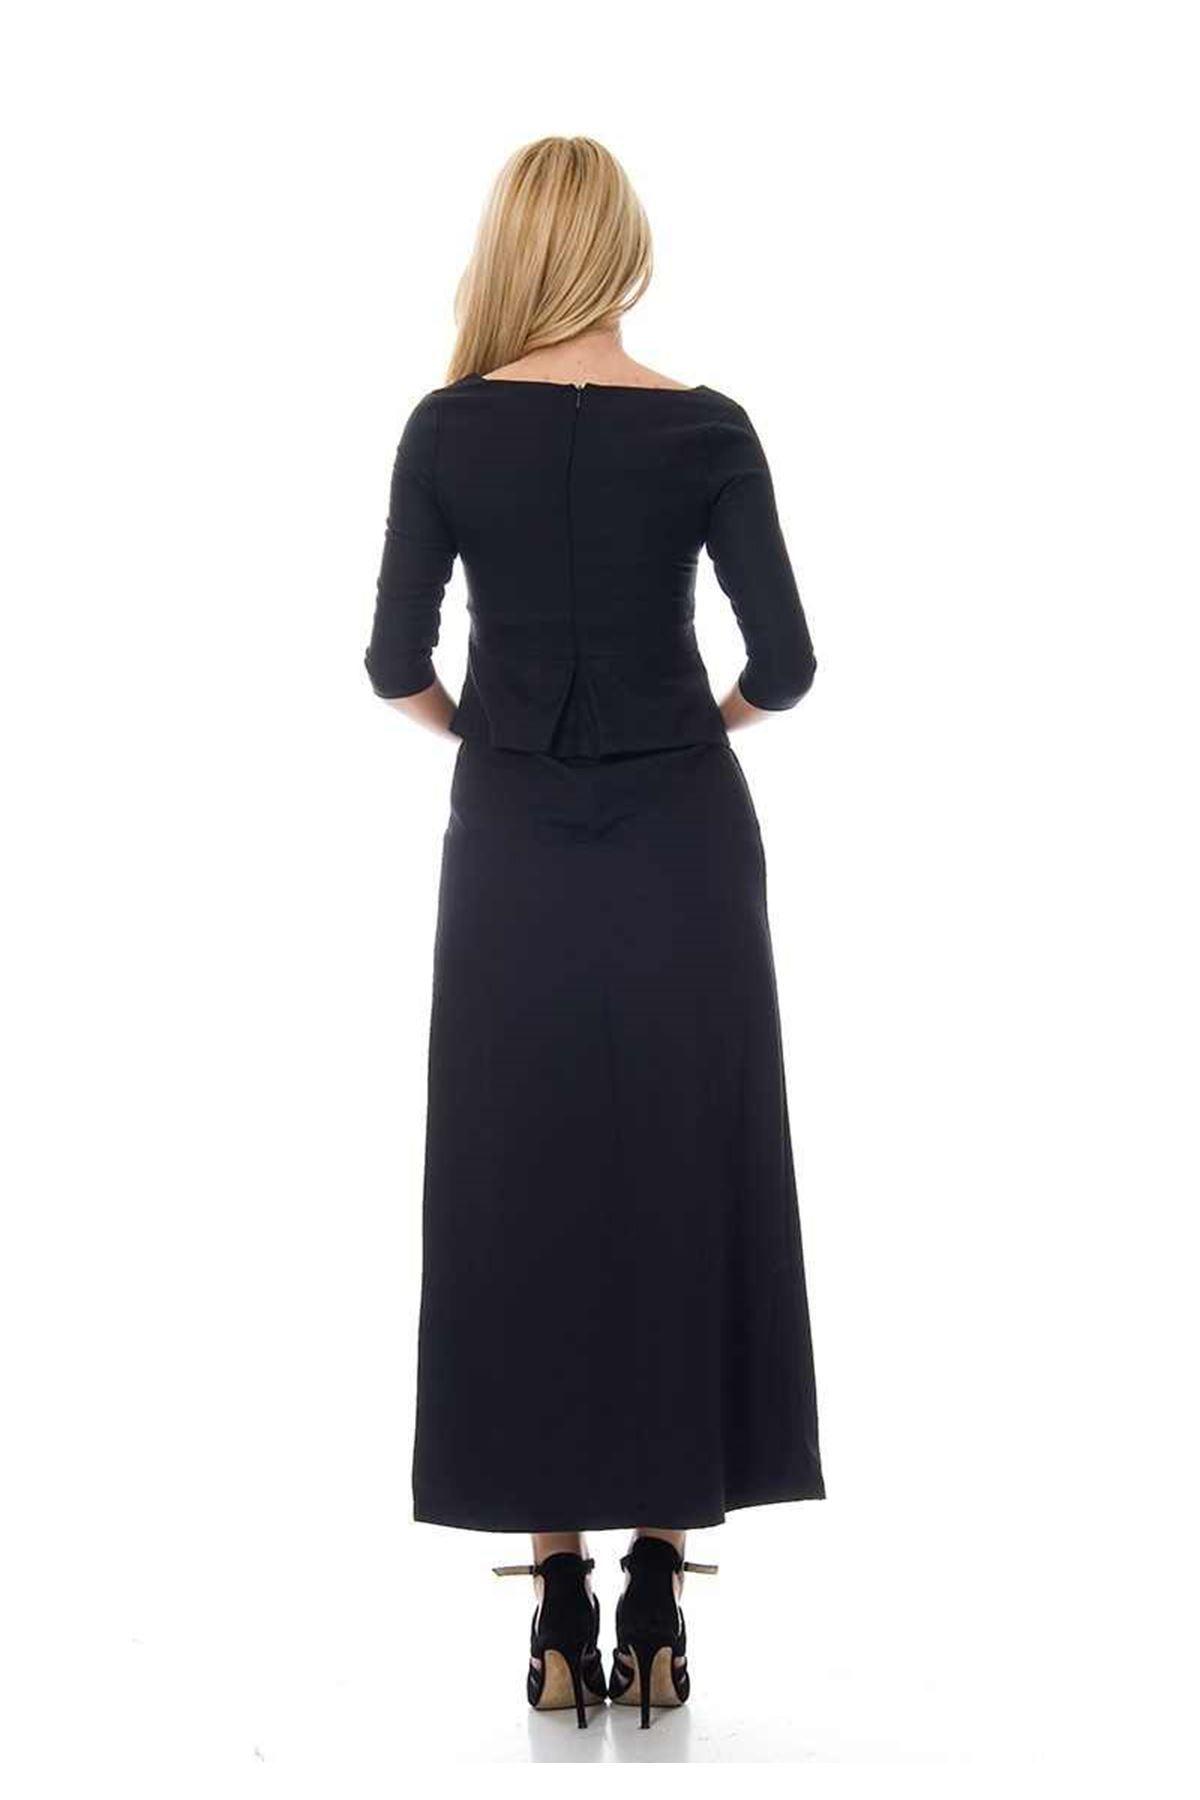 Lacivert - Siyah Kazayağı Desenli Elbise F1-104086